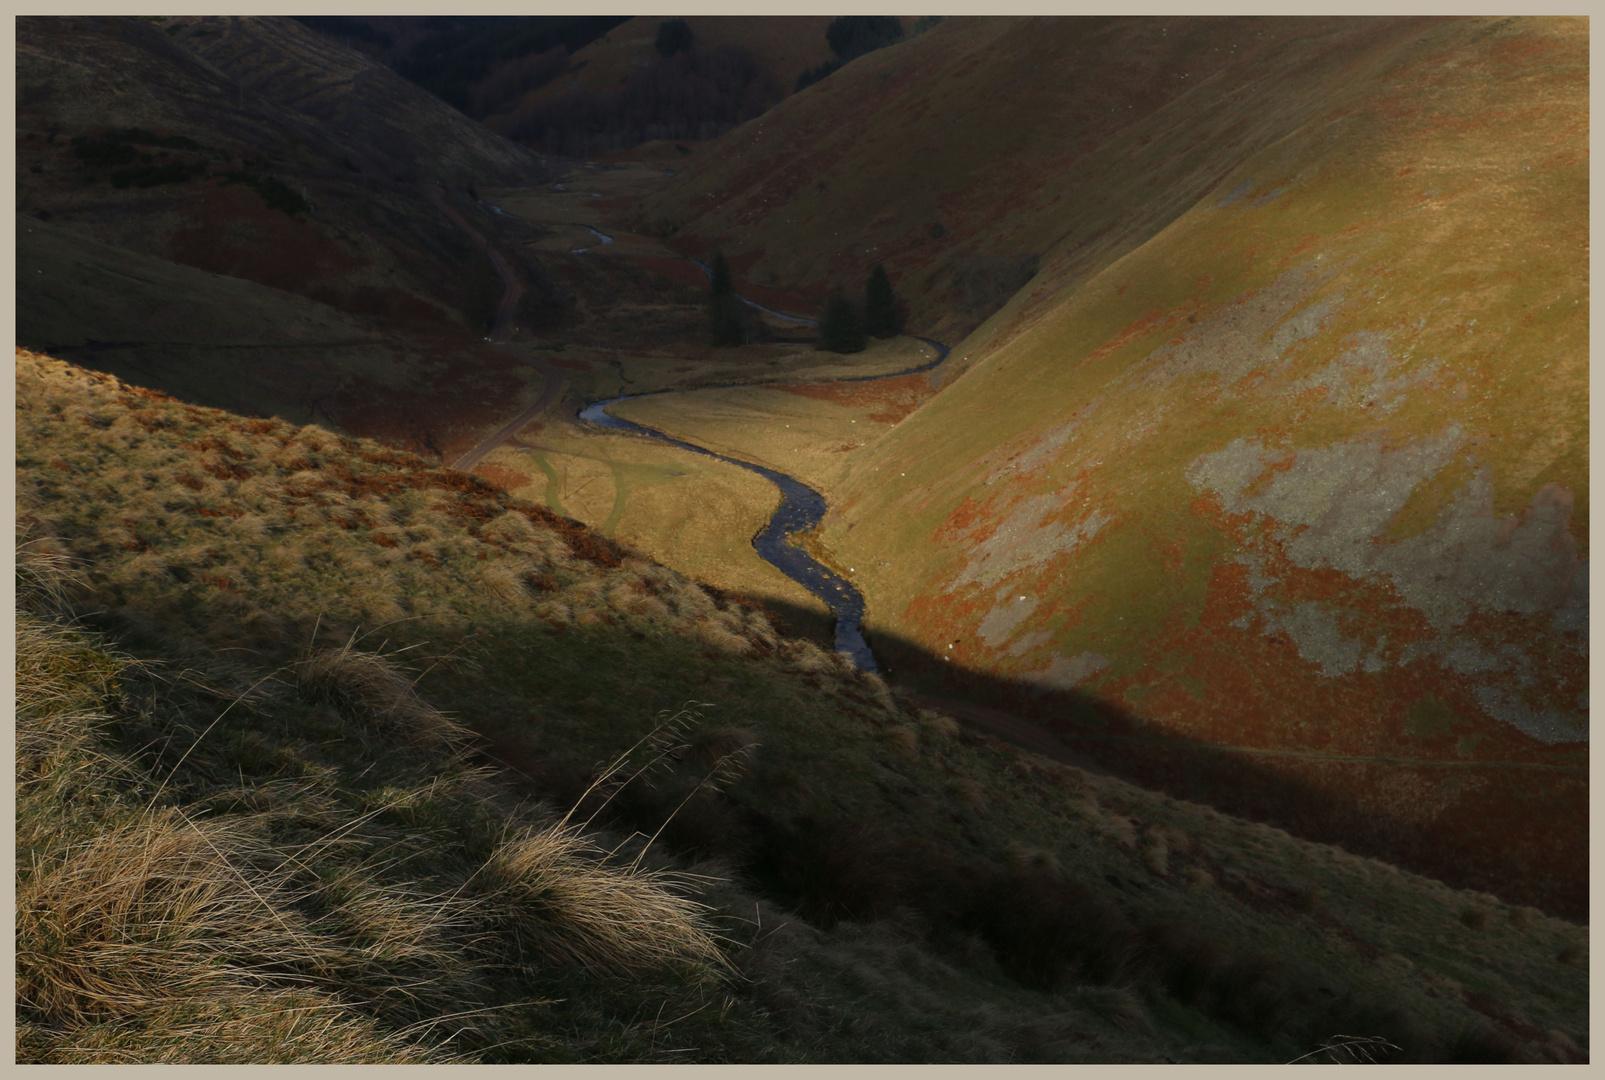 River Alwin in winter